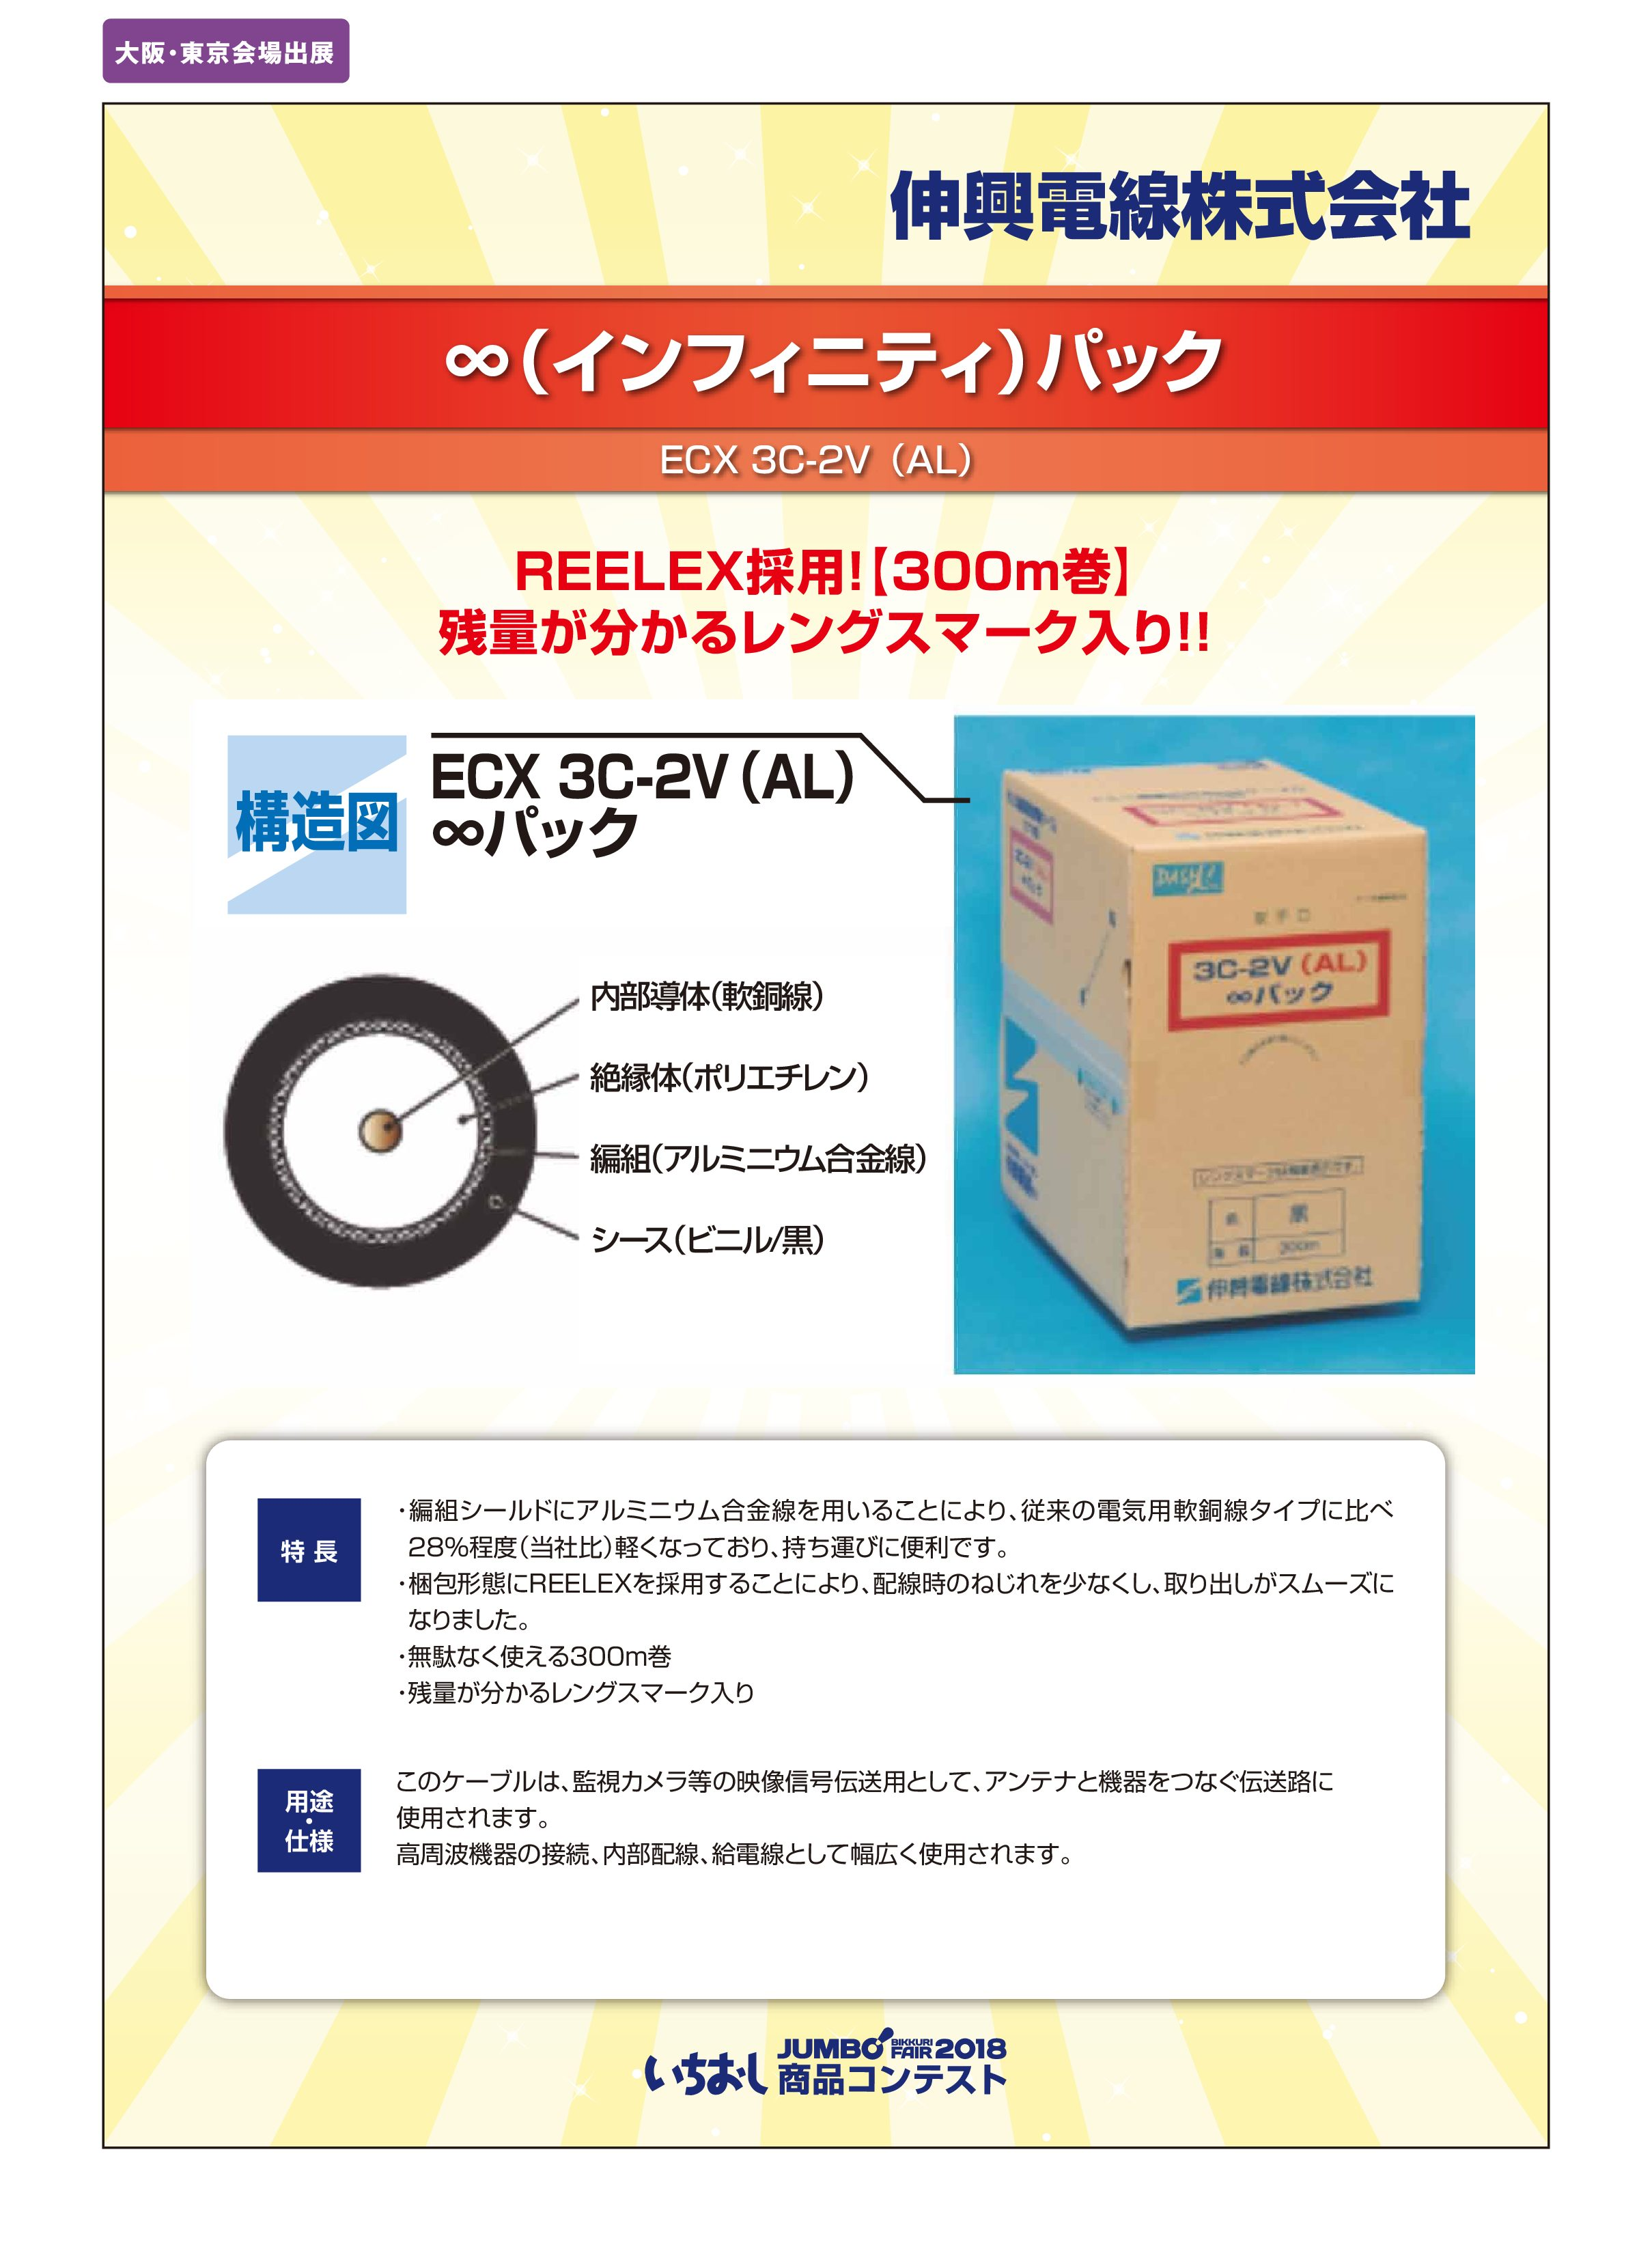 「∞(インフィニティ)パック」伸興電線株式会社の画像